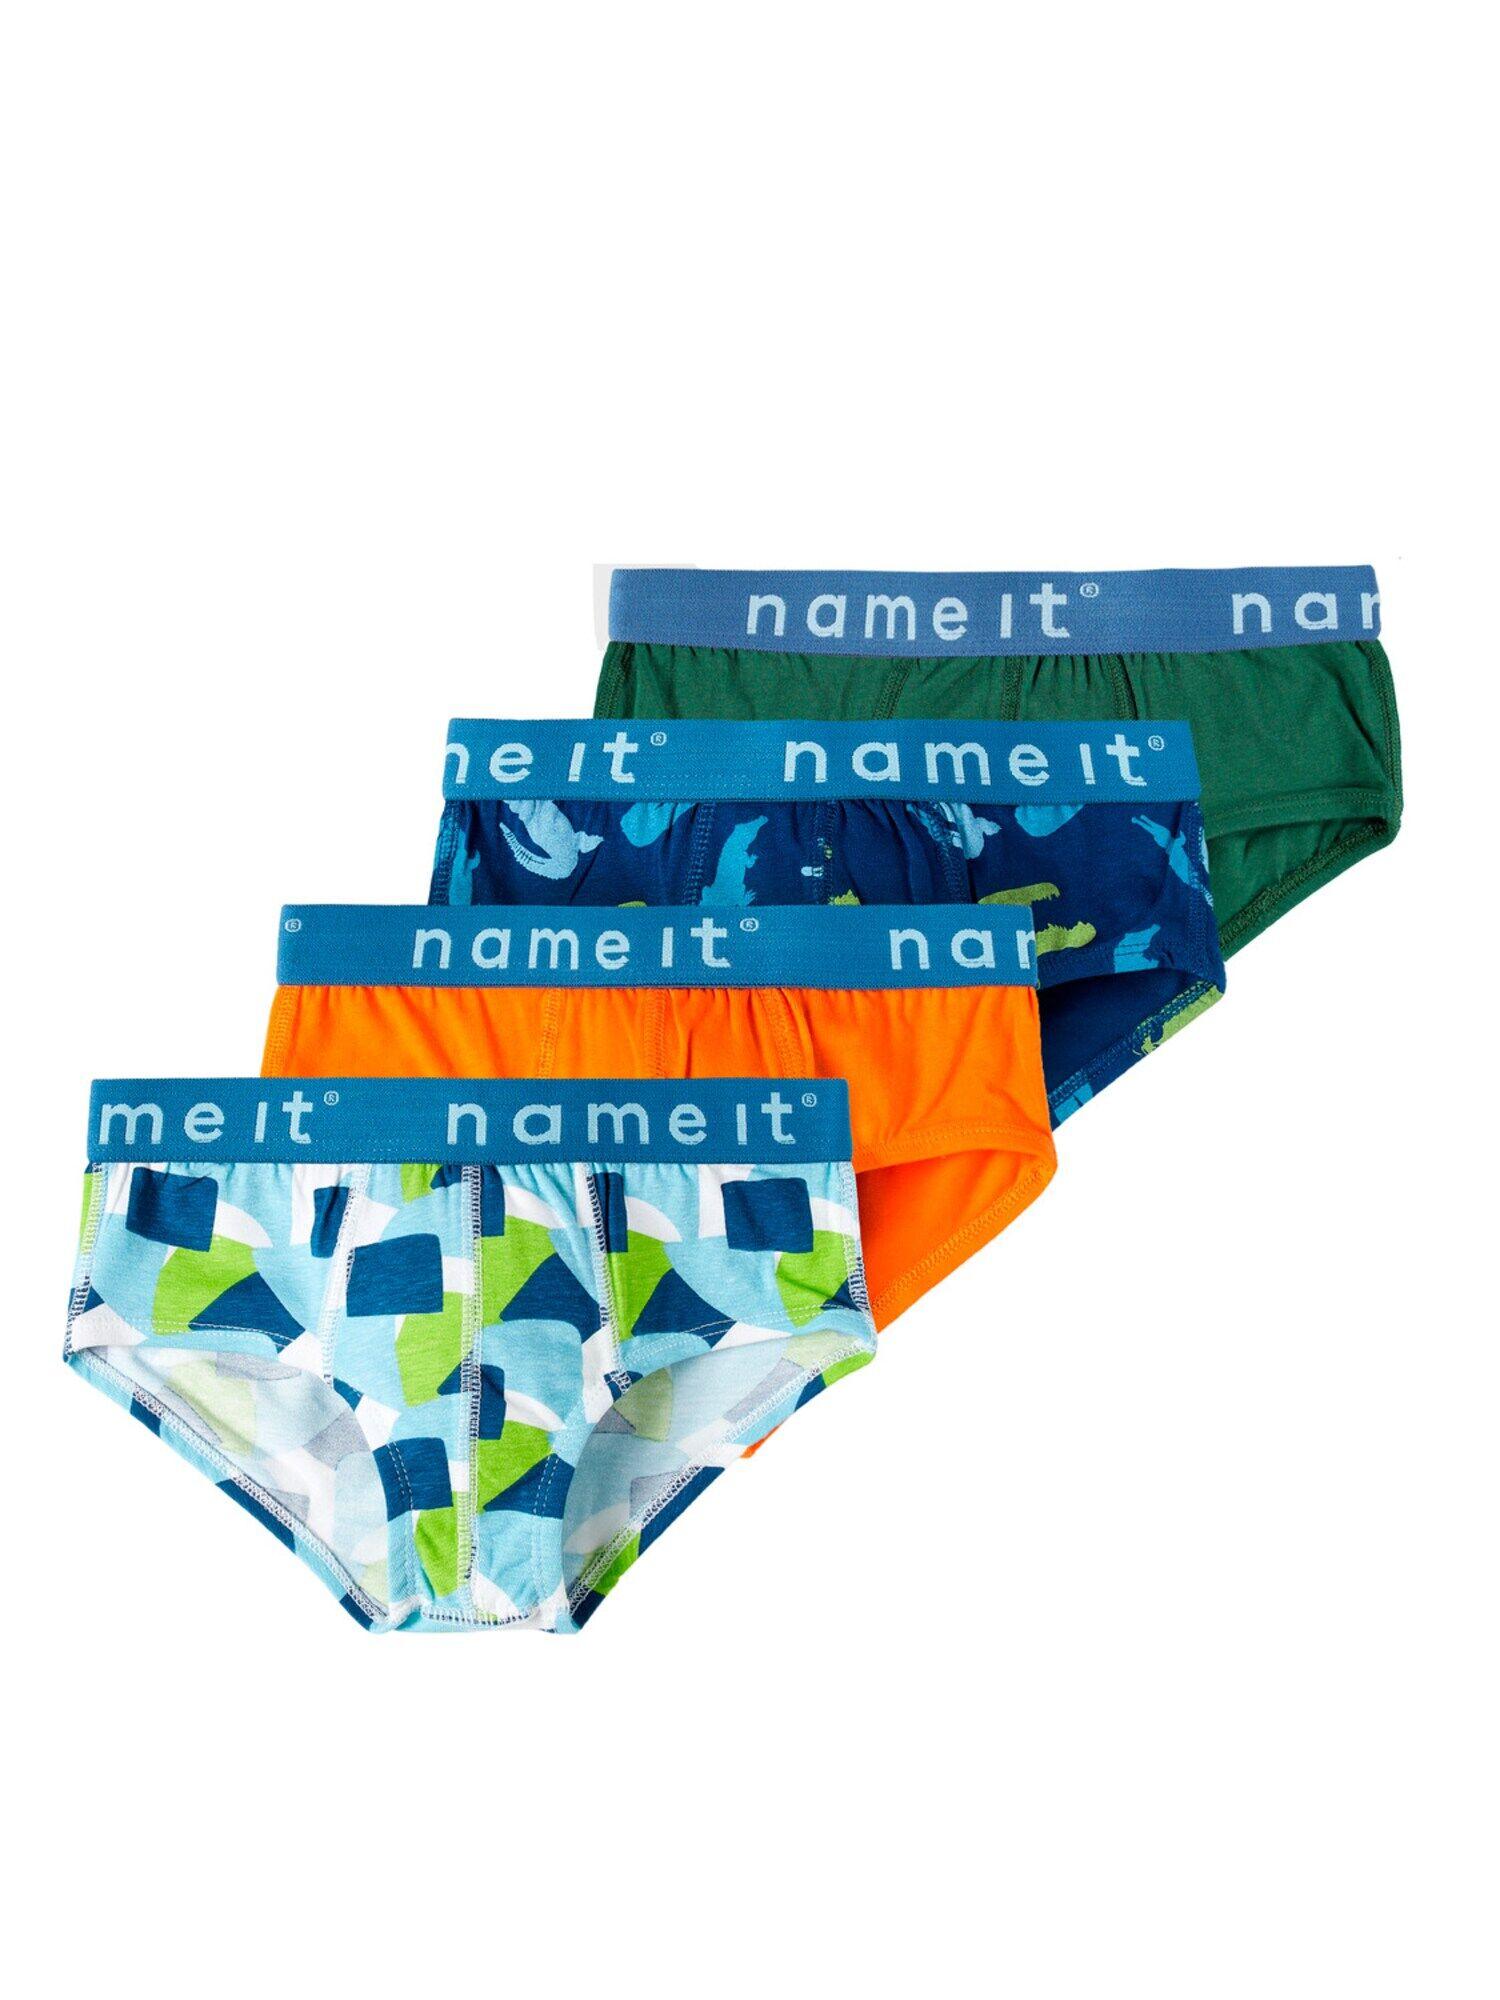 NAME IT Sous-vêtements 'Kento'  - MéLange De Couleurs - Taille: 122-128 - boy